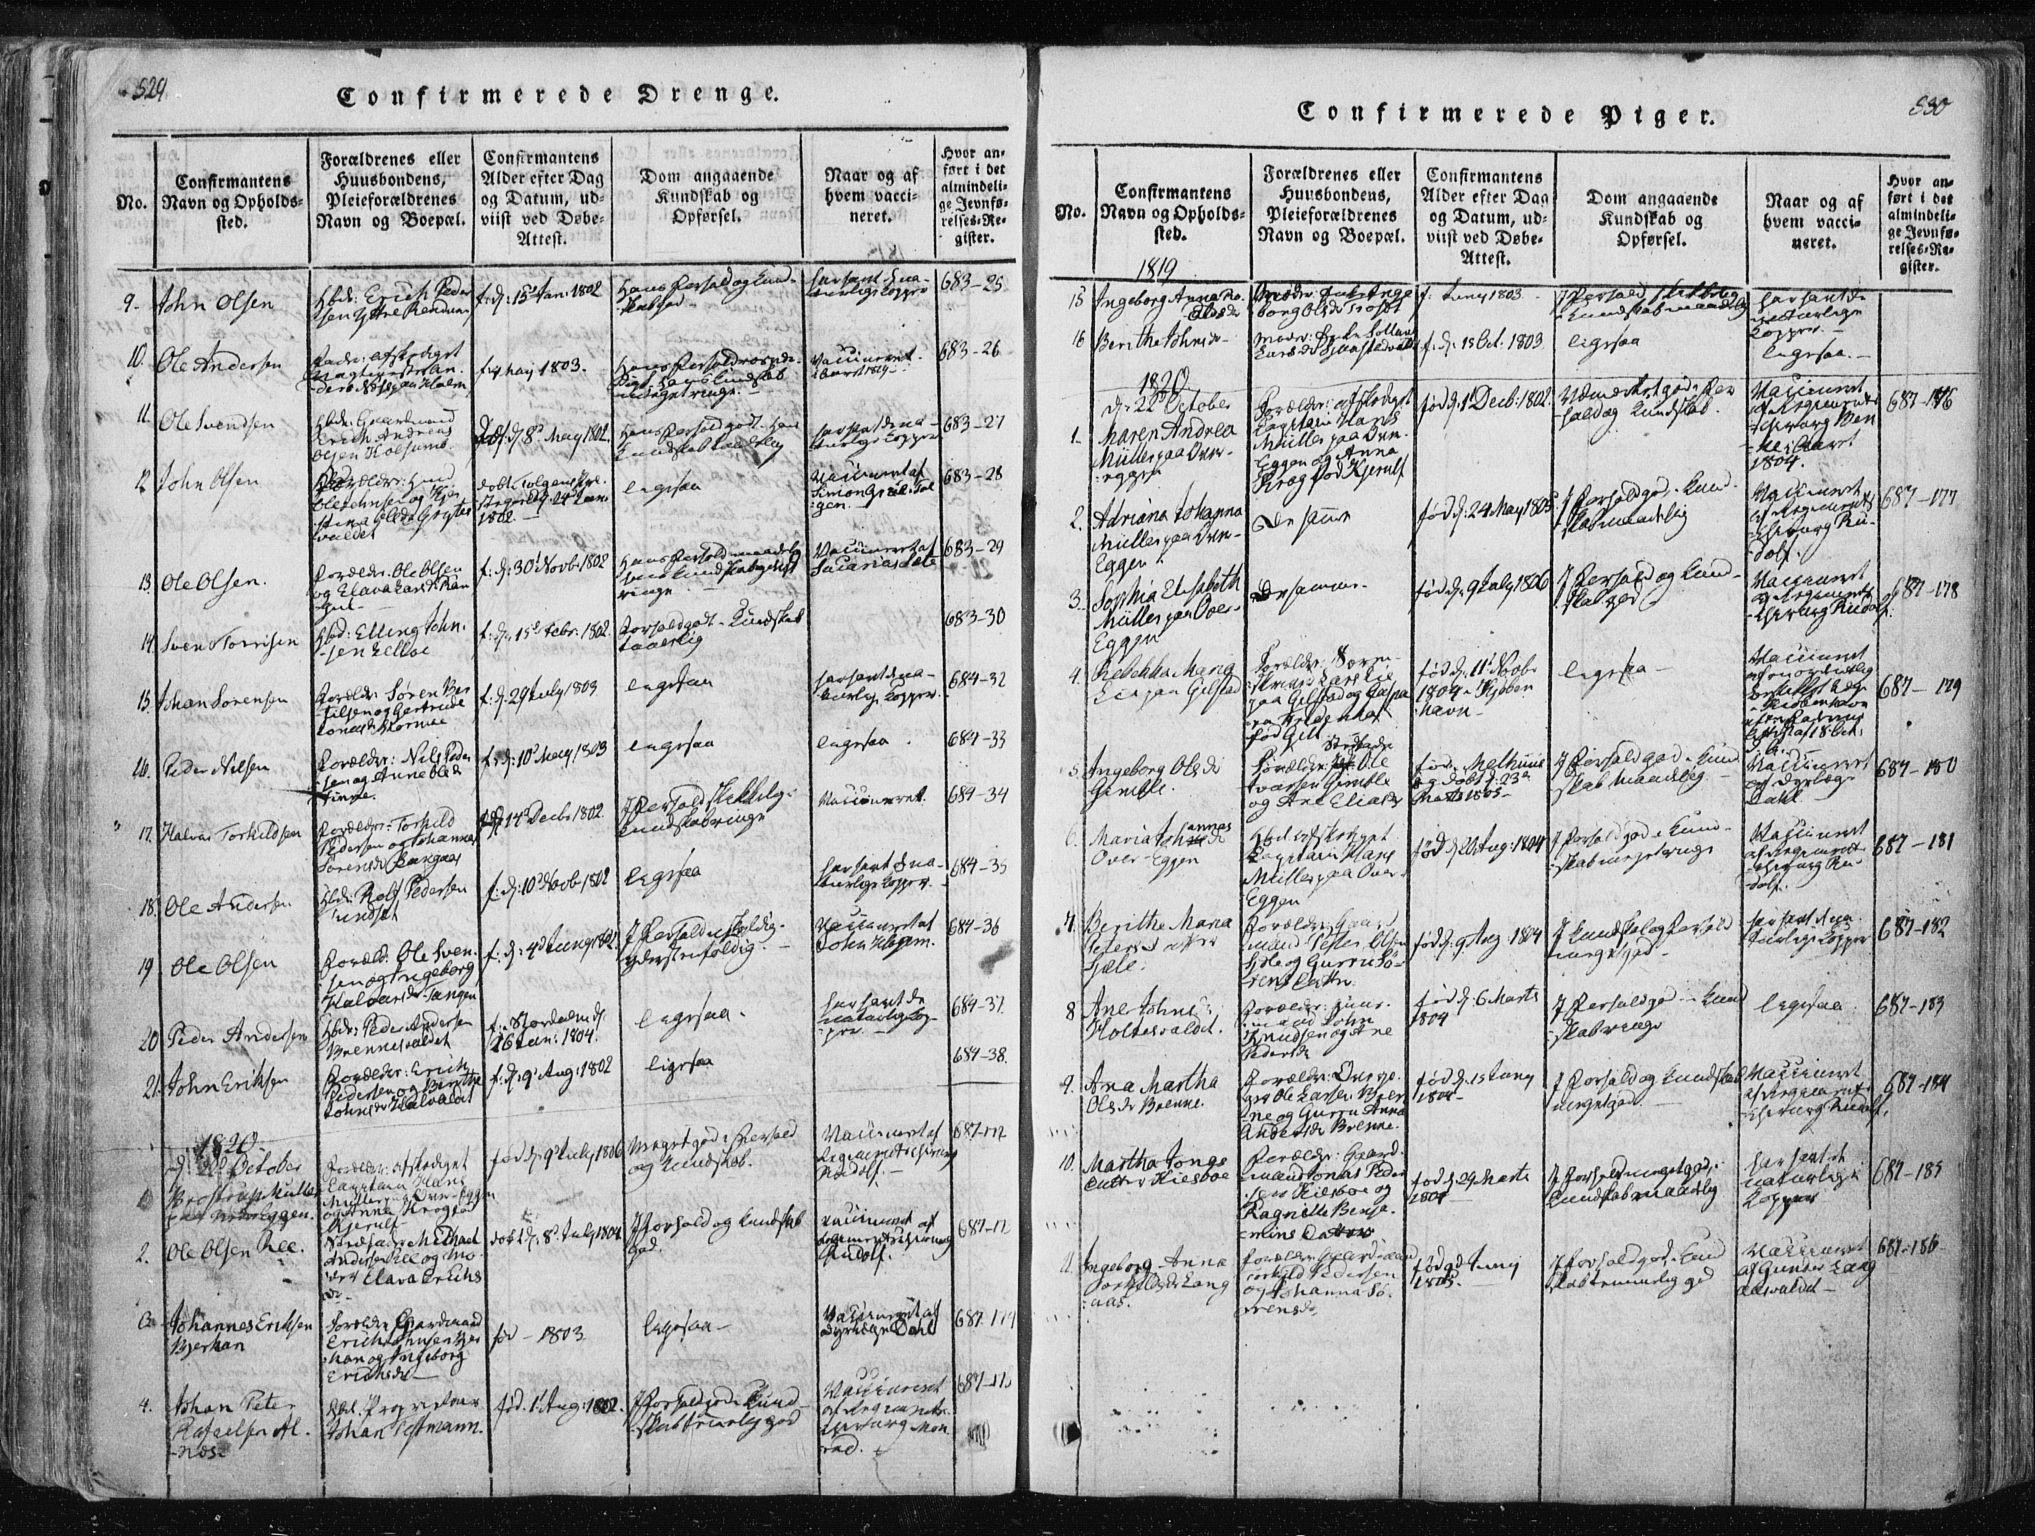 SAT, Ministerialprotokoller, klokkerbøker og fødselsregistre - Nord-Trøndelag, 717/L0148: Ministerialbok nr. 717A04 /1, 1816-1825, s. 529-530